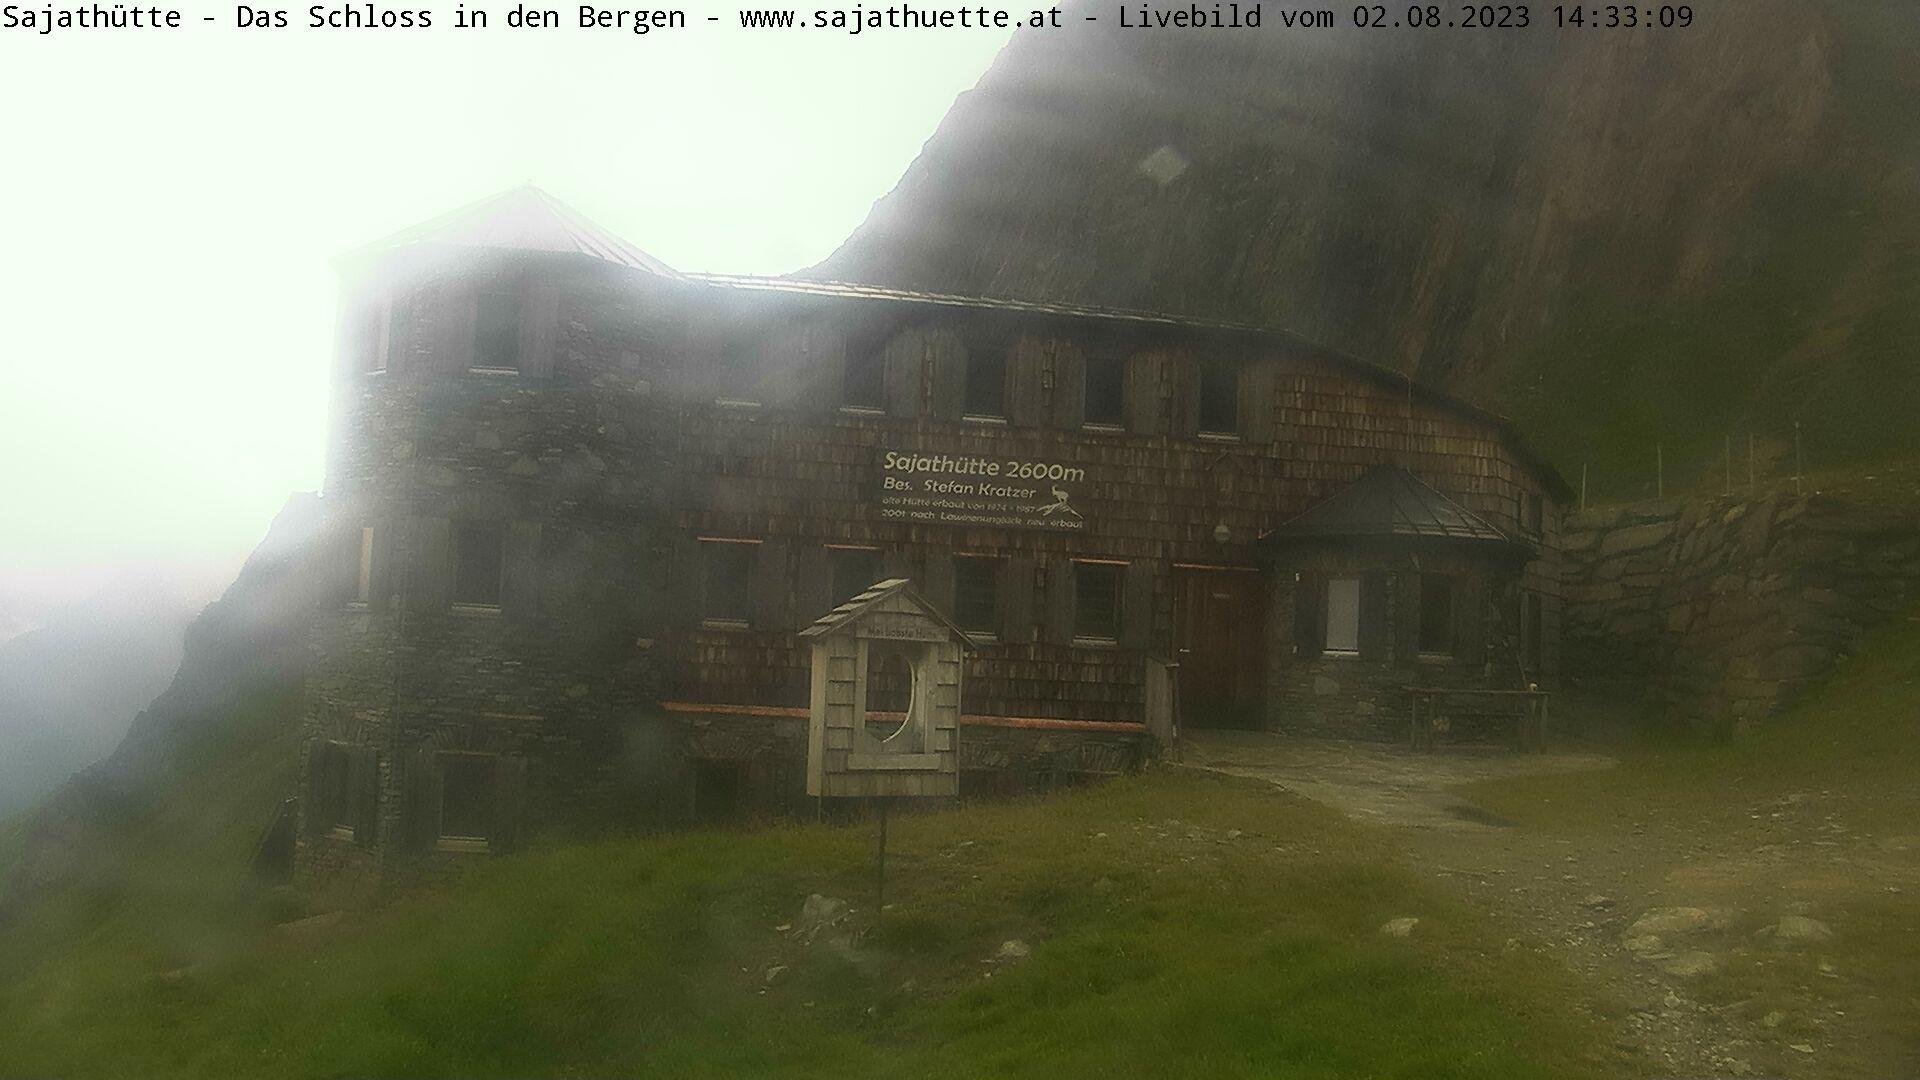 Webcam Neue Sajat-Hütte 2.600 m | Das Schloss in den Bergen